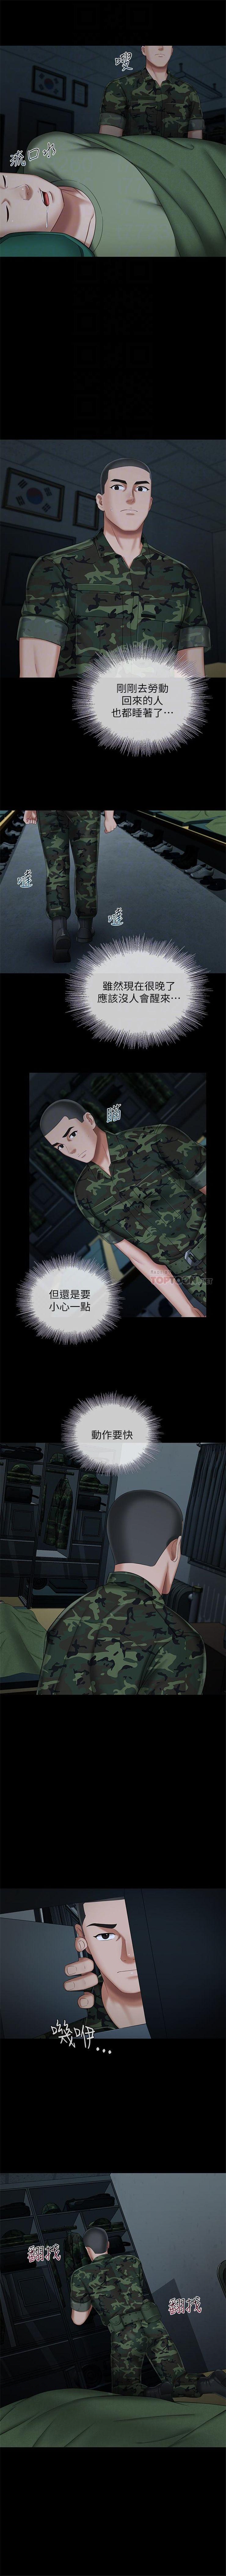 妹妹的義務 1-38 官方中文(連載中) 276